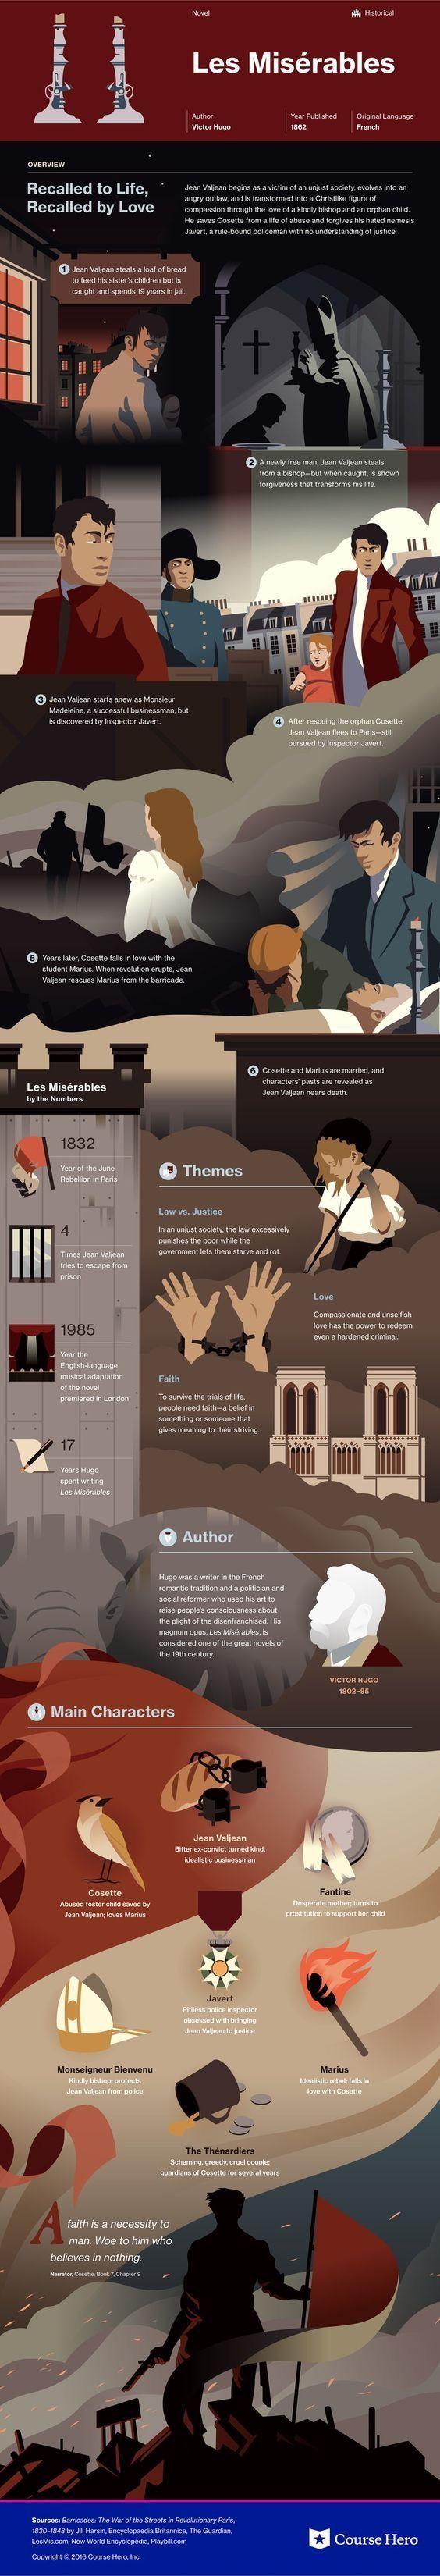 Les Miserables Infographic